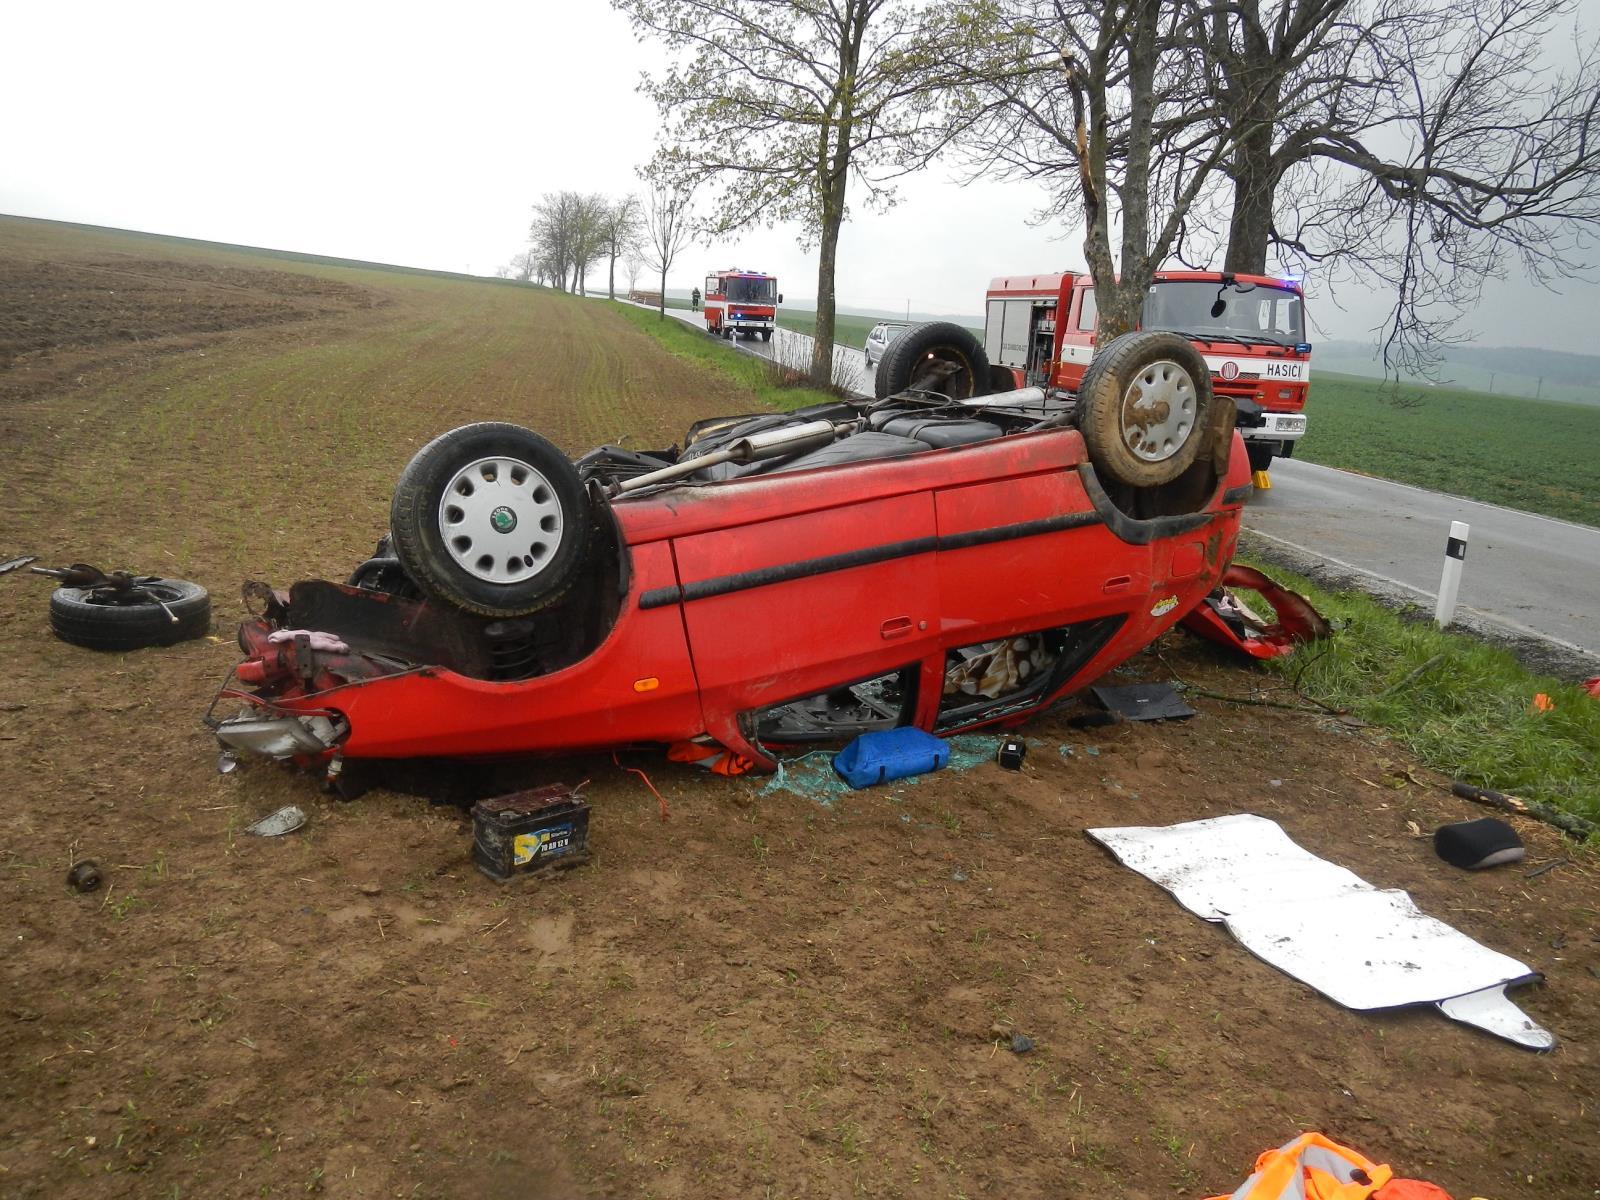 Sobota 22. dubna 2:58Záchrana osoby – Ve Václavské ulici vJindřichově Hradci zasahovala místní profesionální jednotka, když zpřibližně dva metry hlubokého výkopu vyprošťovala muže. Muže volajícího o pomoc uslyšel kolemjdoucí, který pak zažádal o pomoc na tísňovou linku 112. Zraněnému muži nejprve zdravotníci ZZS zafixovali krční páteř límcem a poté ho hasiči vyprostili zvýkopu ven. Muž byl naložen na nosítka a přenesen do sanitky. 12:17Dopravní nehoda – Jindřichohradečtí profesionální hasiči zasahovali na silnici č. 164 vedoucí zOtína do Hospříze. Havarovala zde řidička svozem značky Ford Puma. Řidička i její dítě byly vdobě příjezdu hasičů zauta venku, nepožadovali ZZS. Hasiči u auta odpojili akumulátor a provedli kontrolu úniku provozních kapalin. Žádné látky znádrží nevytékaly. Nehodu pak hasiči předali policistům kšetření.  13:46Dopravní nehoda – Vsobotu krátce před druhou hodinou odpolední přijalo Operační a informační středisko HZS Jihočeského kraje informaci o nehodě, která se stala na silnici č. 156 ve směru ze Slavonic do Chvaletína. Havarovala zde řidička sosobním vozem tovární značky Škoda Felicia. Auto vyletělo ze silnice a zůstalo ležet na střeše. Knehodě byli v13:46 hodin vysláni profesionální hasiči ze stanice Dačice a dobrovolní hasiči ze Slavonic. Jednotky během necelé půlhodiny předávaly zdravotníkům dvě zraněné osoby, ztoho jedno dítě. Jednu zraněnou osobu museli hasiči ze zcela zničeného auta vyprošťovat. U nehody přistál vrtulník LZS. Hasiči dále u auta provedli protipožární opatření a kontrolu úniku provozních kapalin. Před 16. hodinou velitel zásahu pro jednotky hasičů ukončil a předal nehodu Policii ČR.